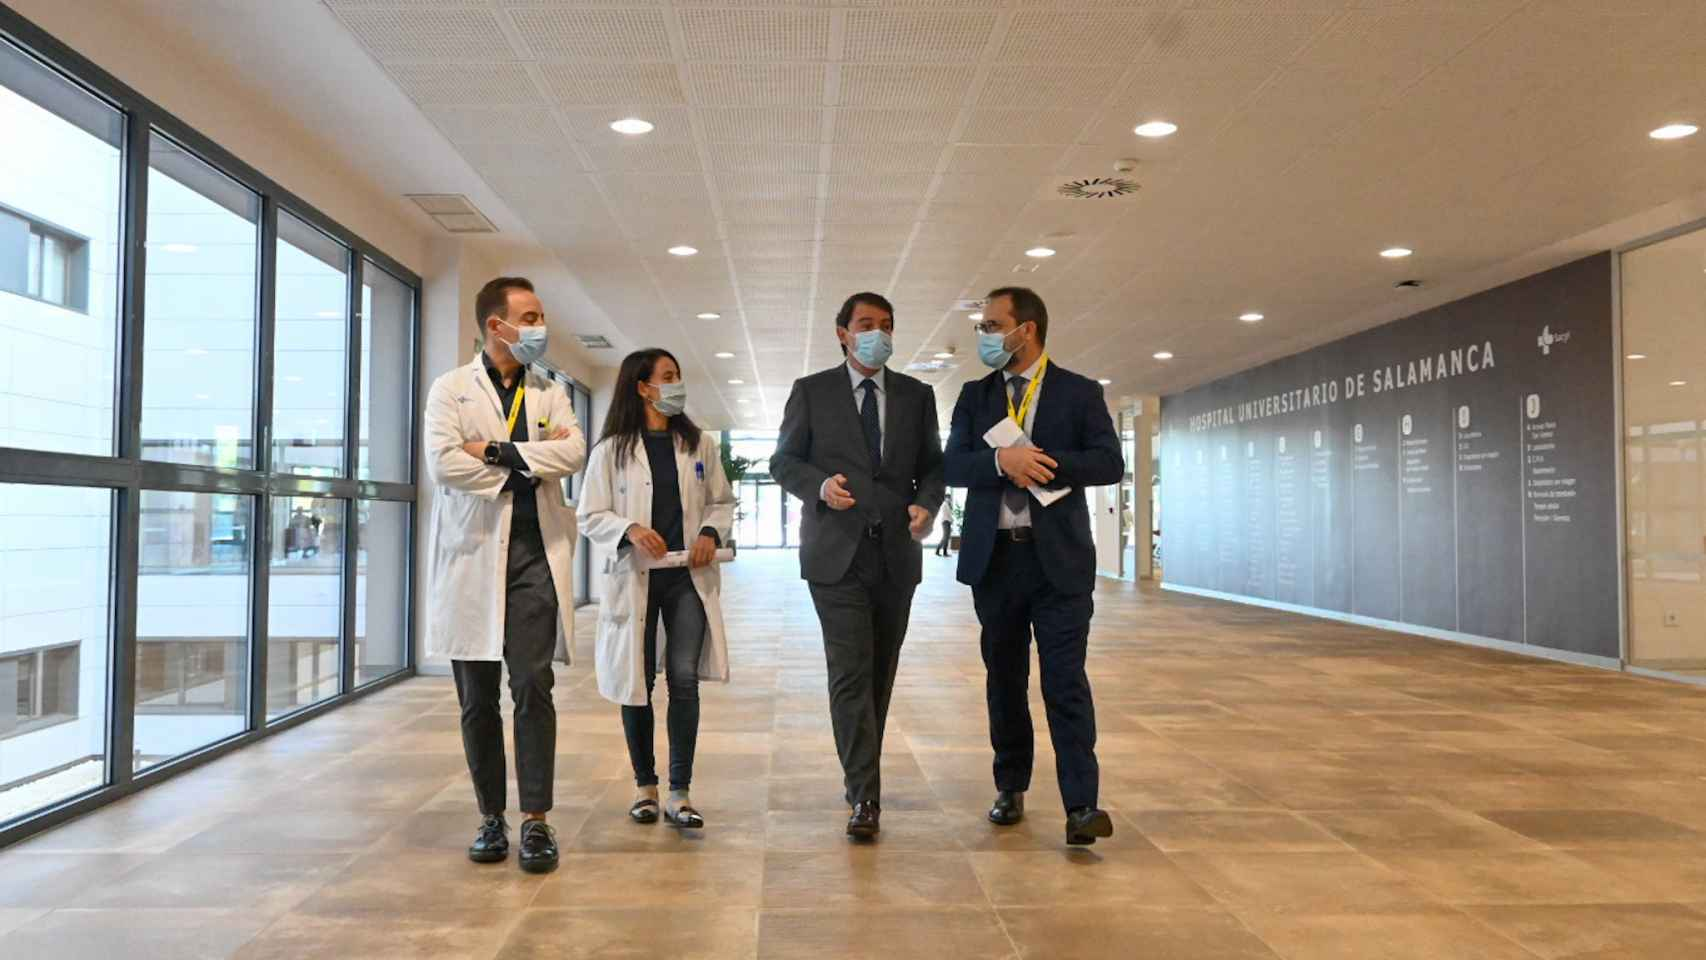 Imágenes de la visita de Fernández Mañueco al nuevo Hospital de Salamanca